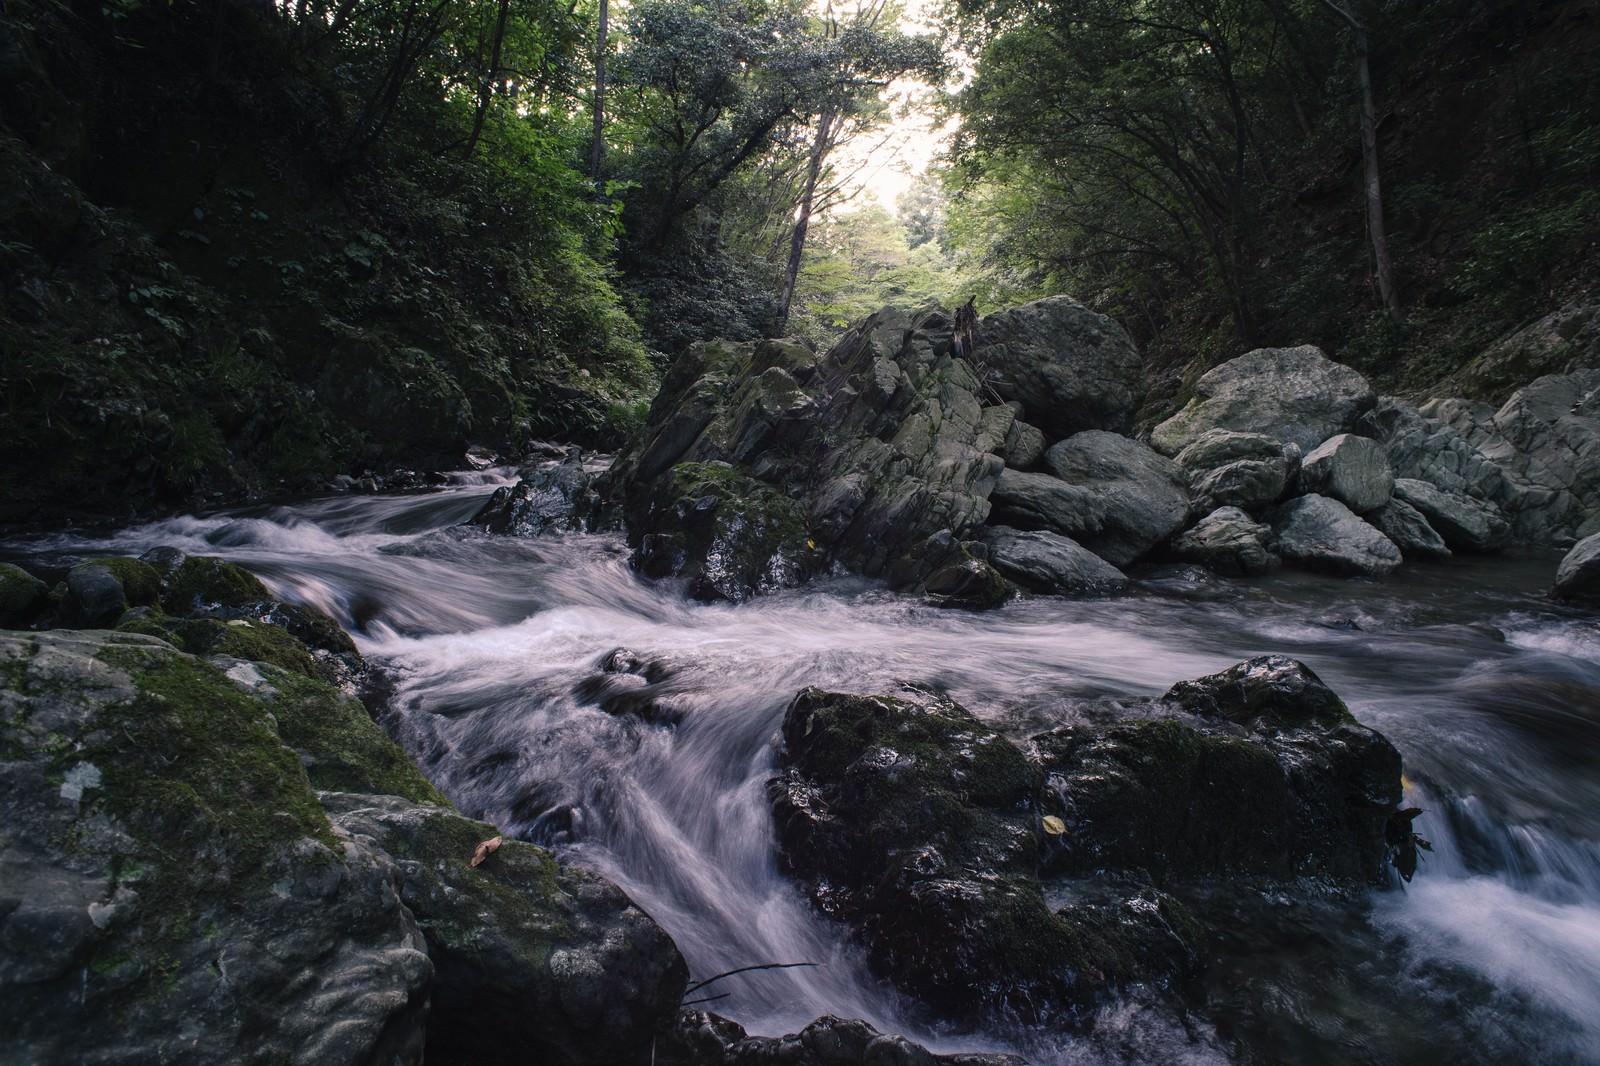 「川の水と岩の荒々しさ(三波渓谷の夏) | 写真の無料素材・フリー素材 - ぱくたそ」の写真